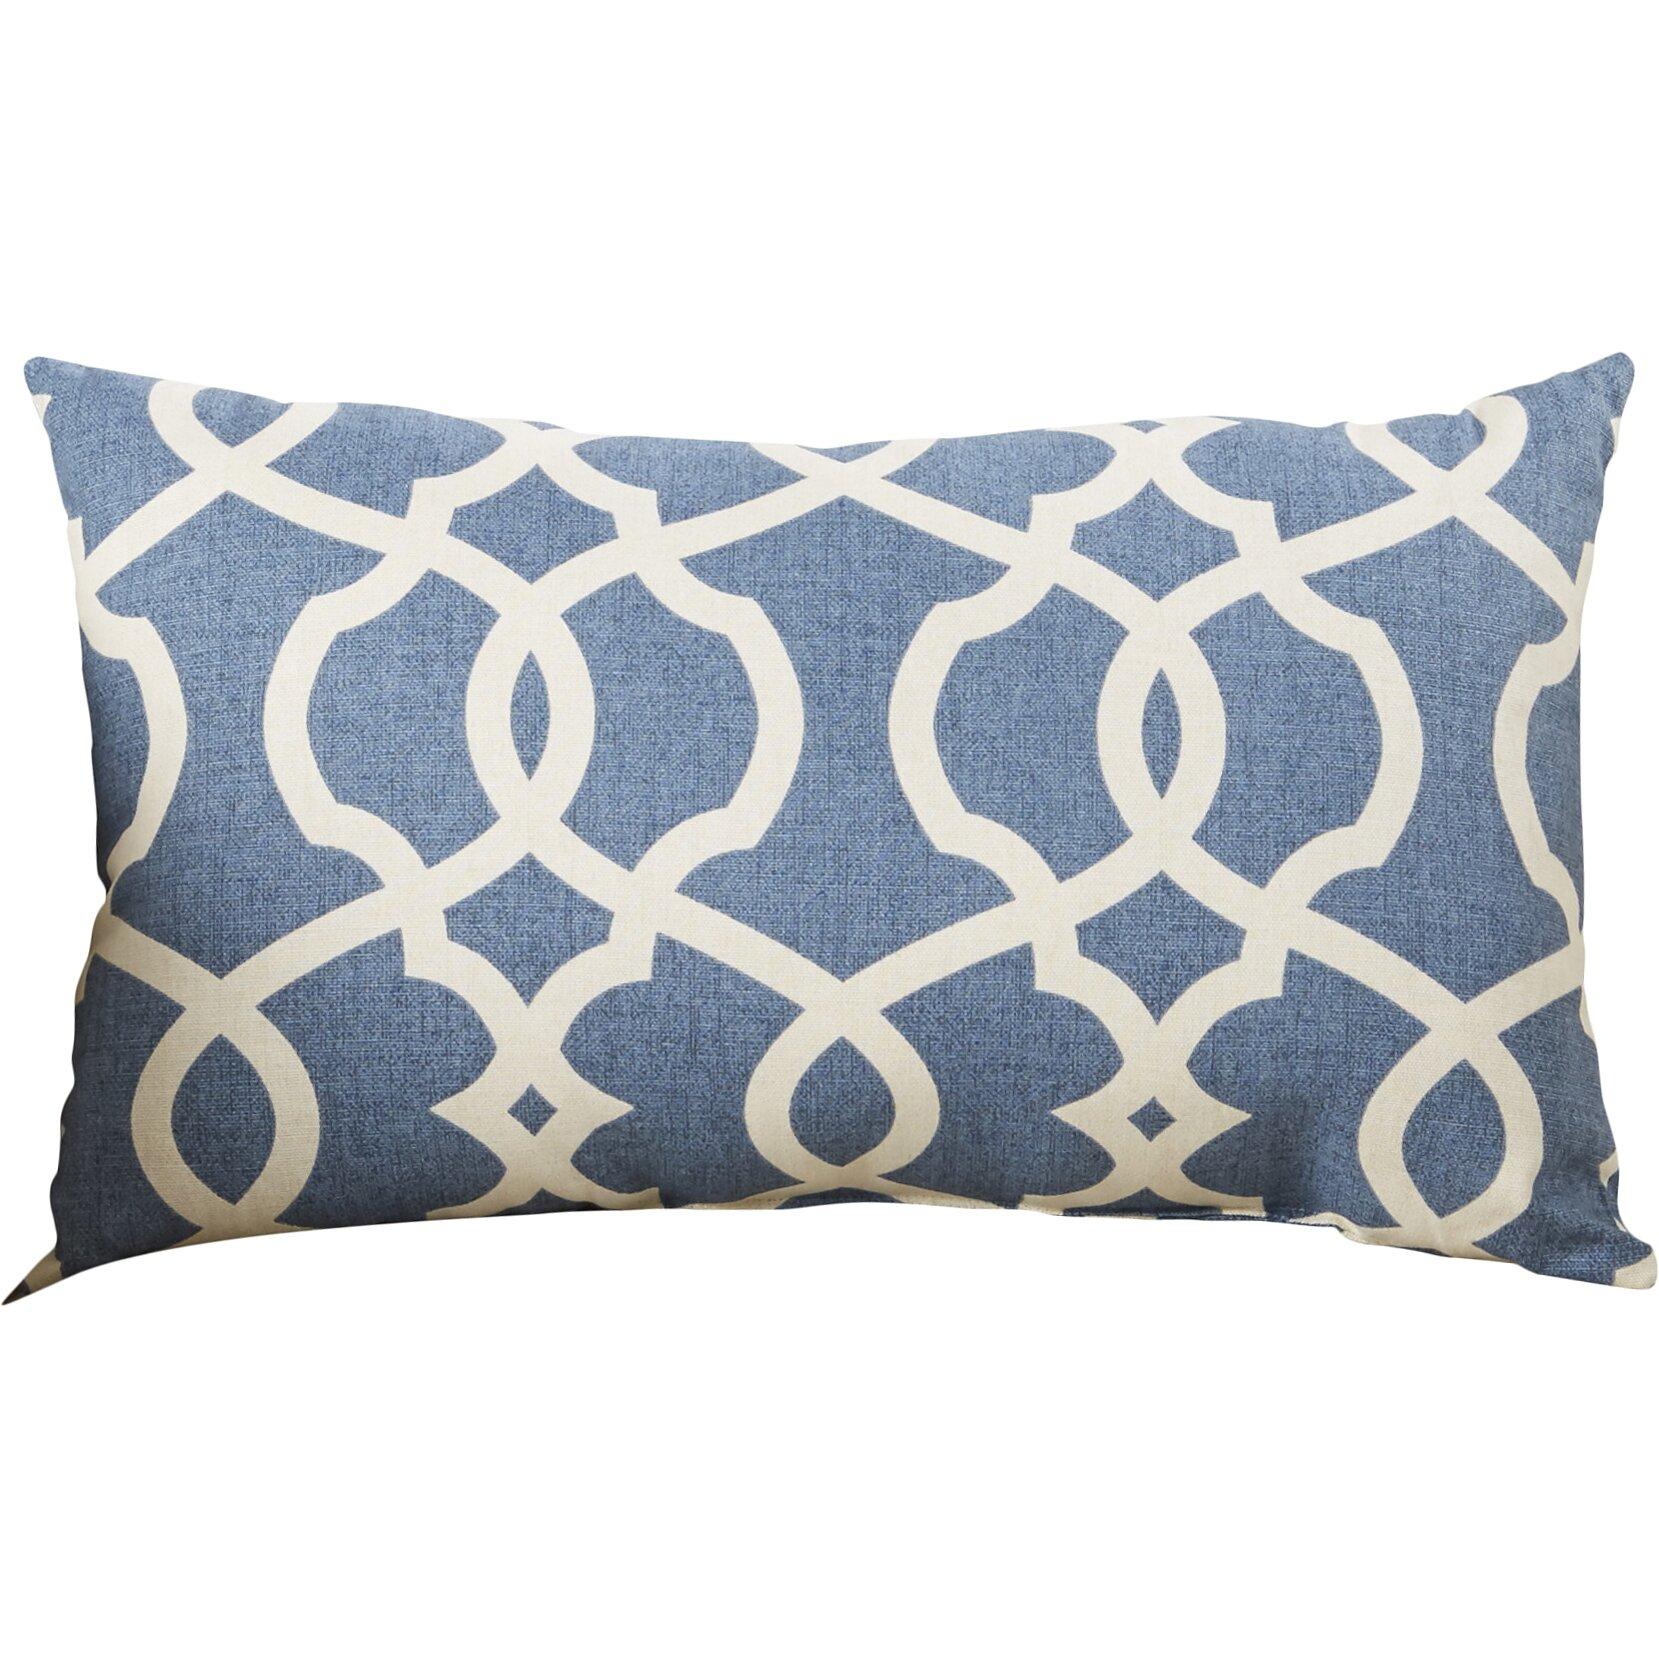 Brown and teal throw pillows - Bungalow Rose Alberts Cotton Lumbar Throw Pillow